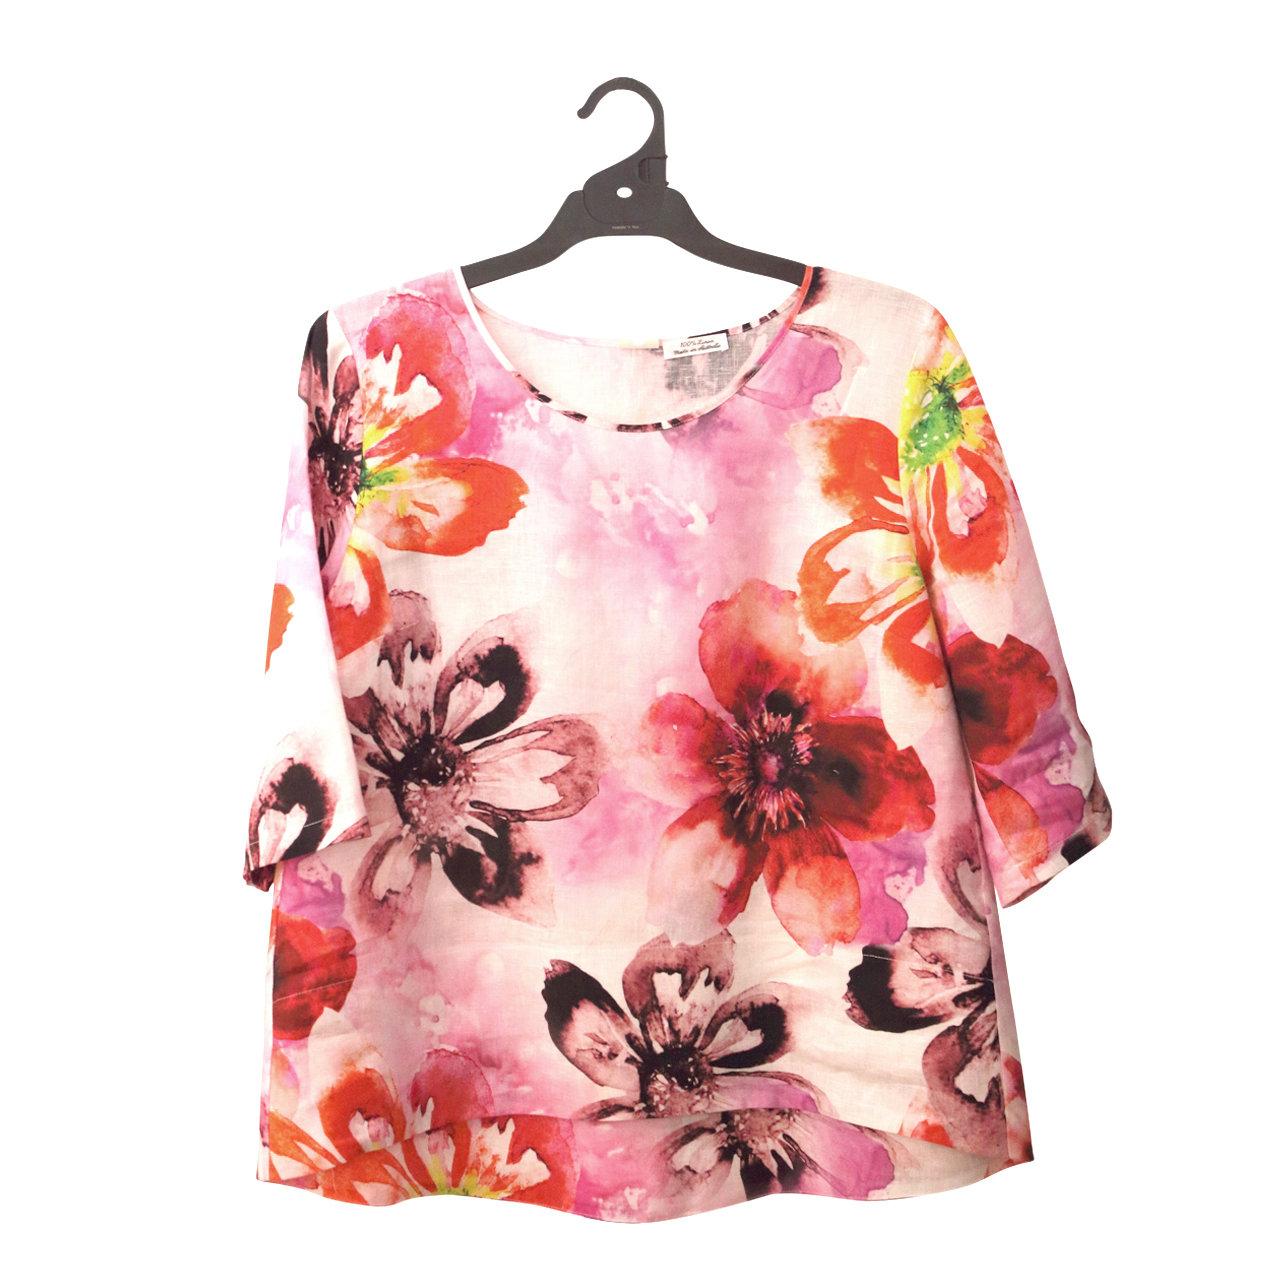 Pure Linen Hilo Floral Print Top